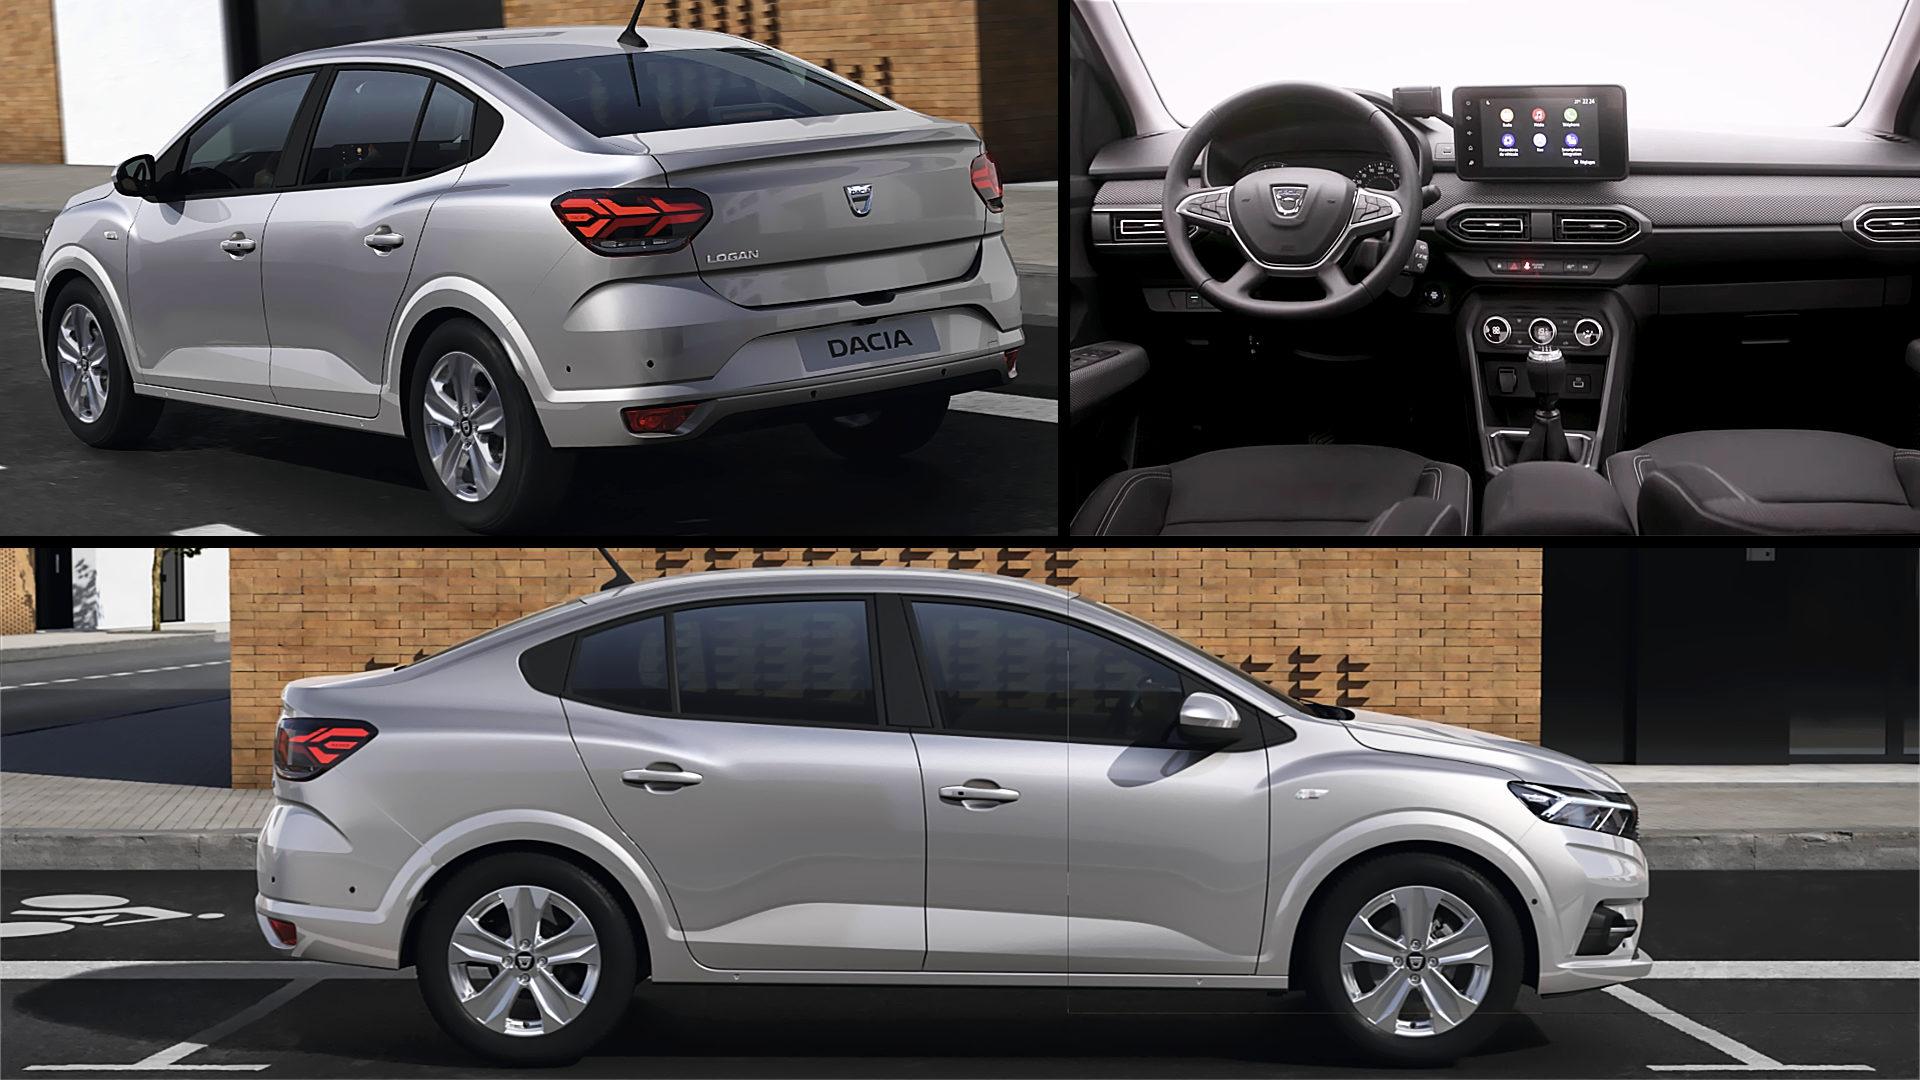 2021 Dacia Logan